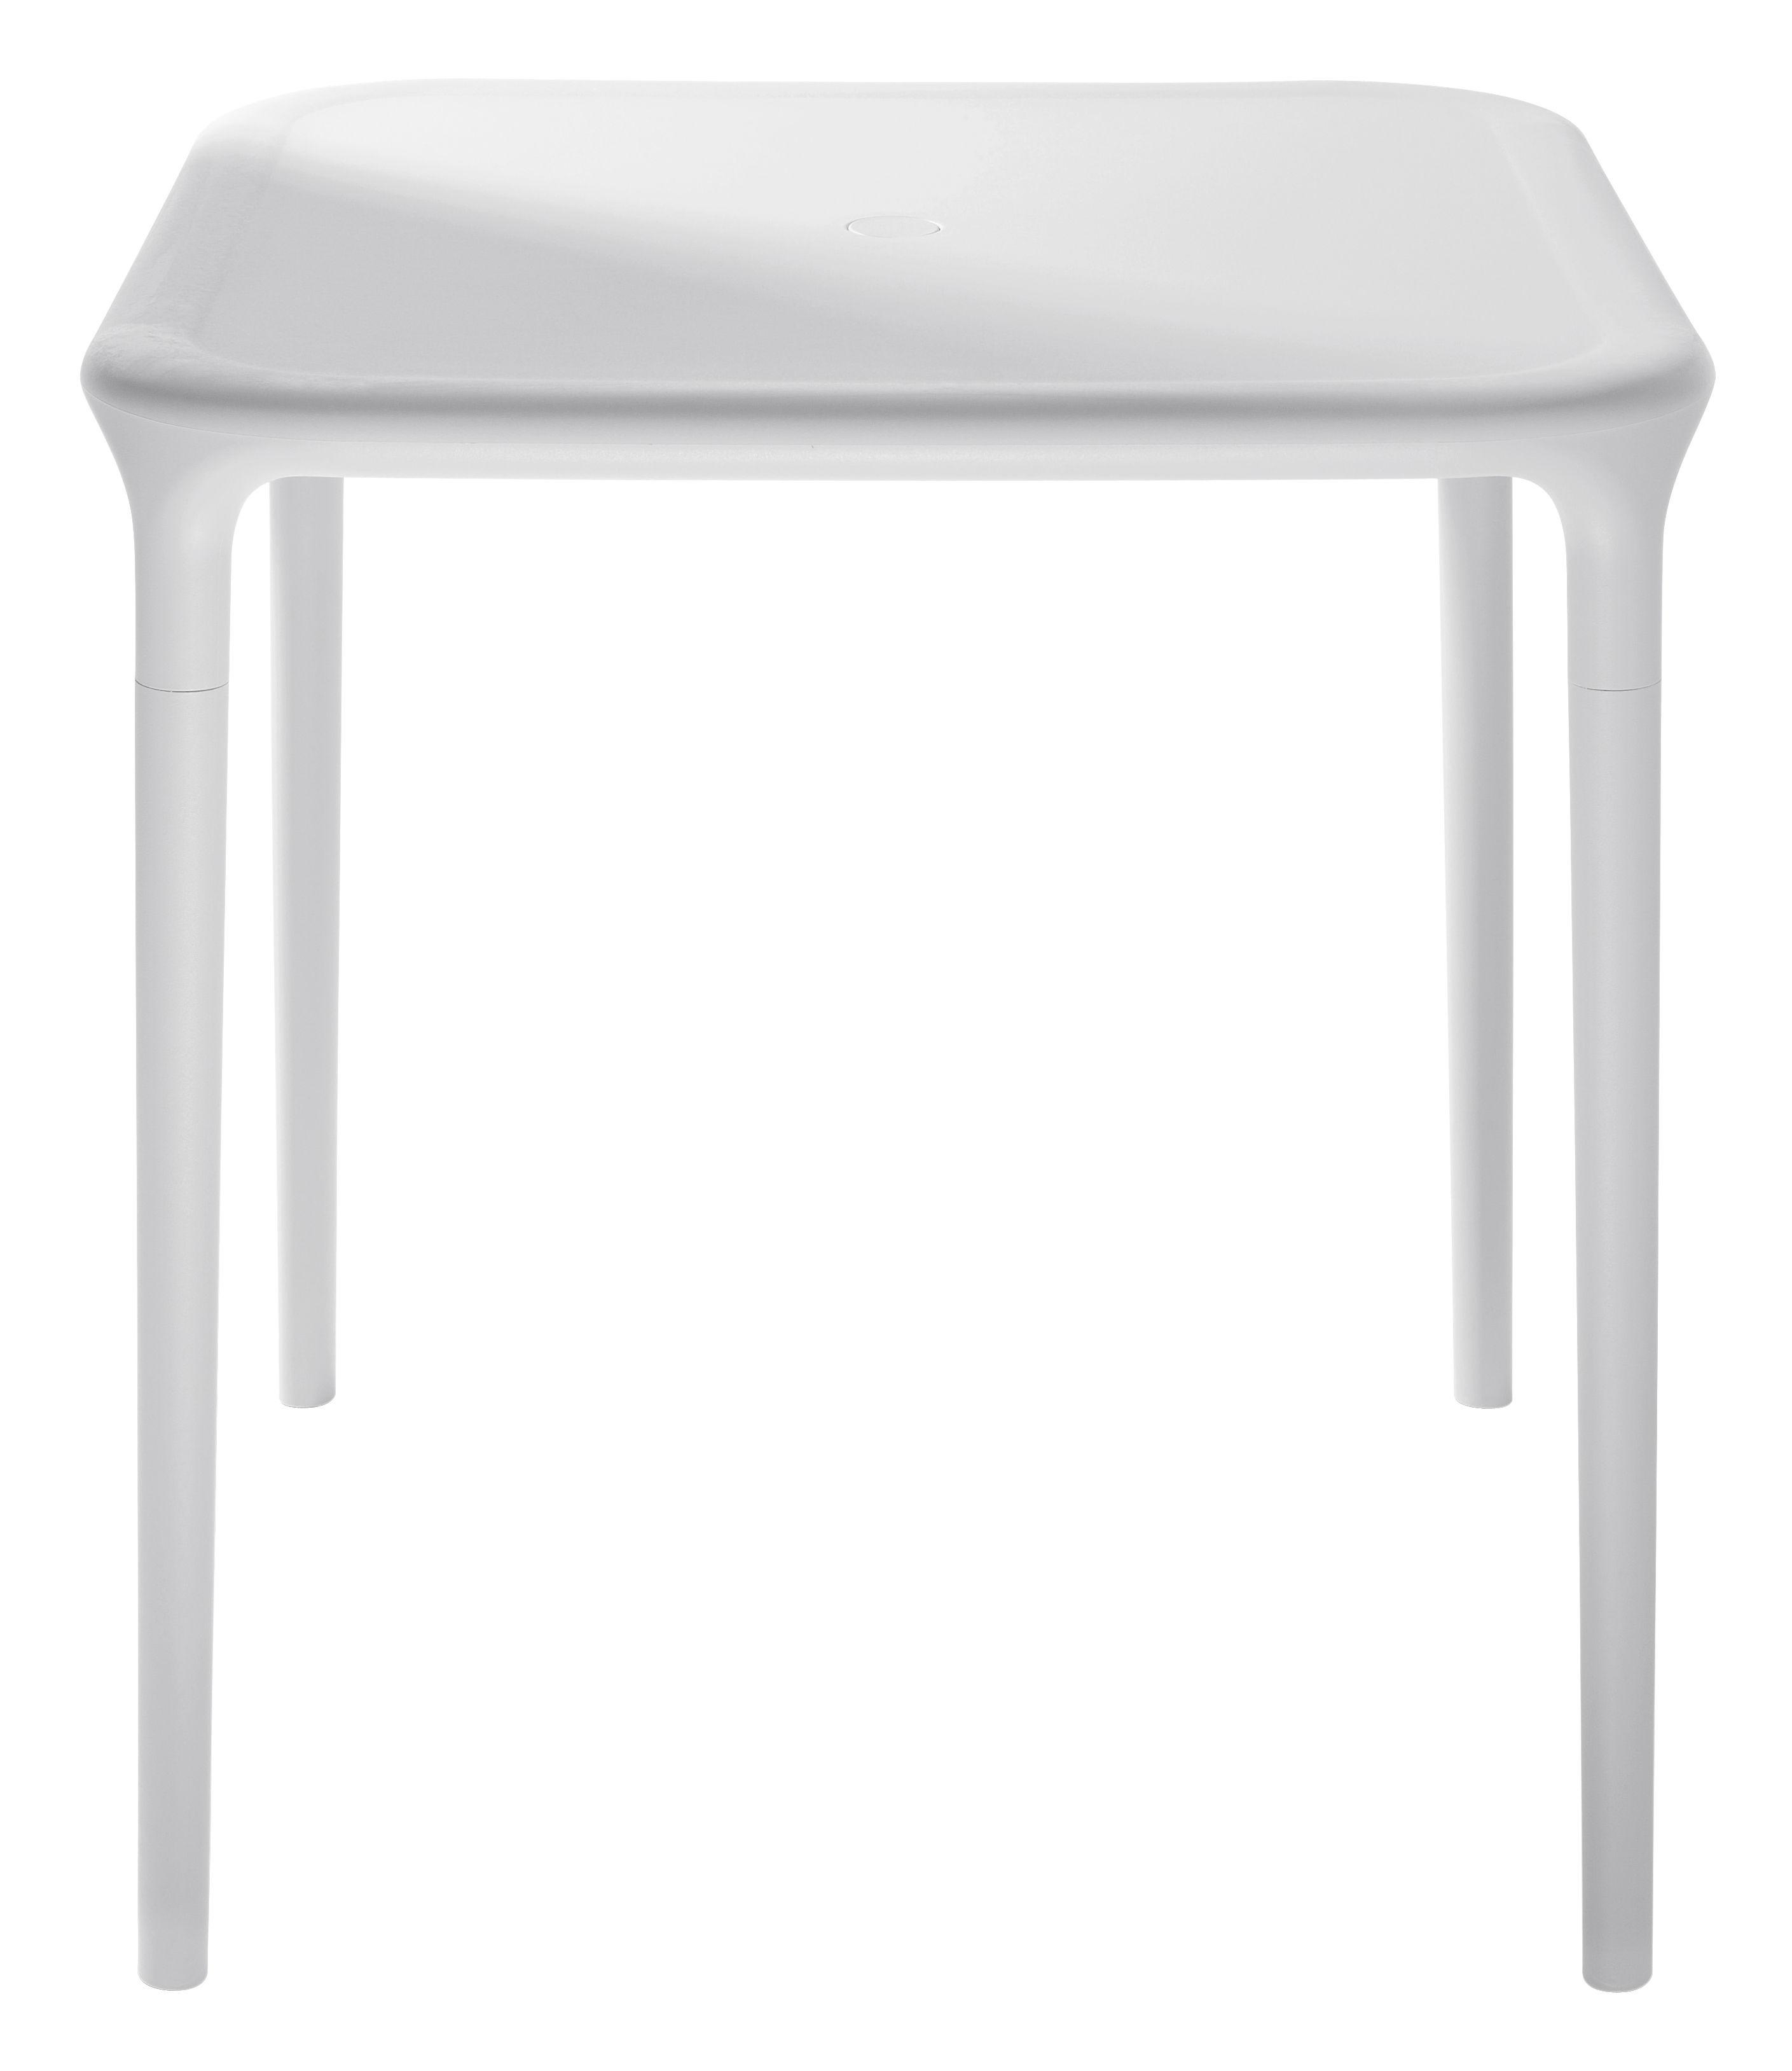 Outdoor - Tische - Air-Table quadratischer Tisch - Magis - 65 x 65 cm - weiß - Polypropylen